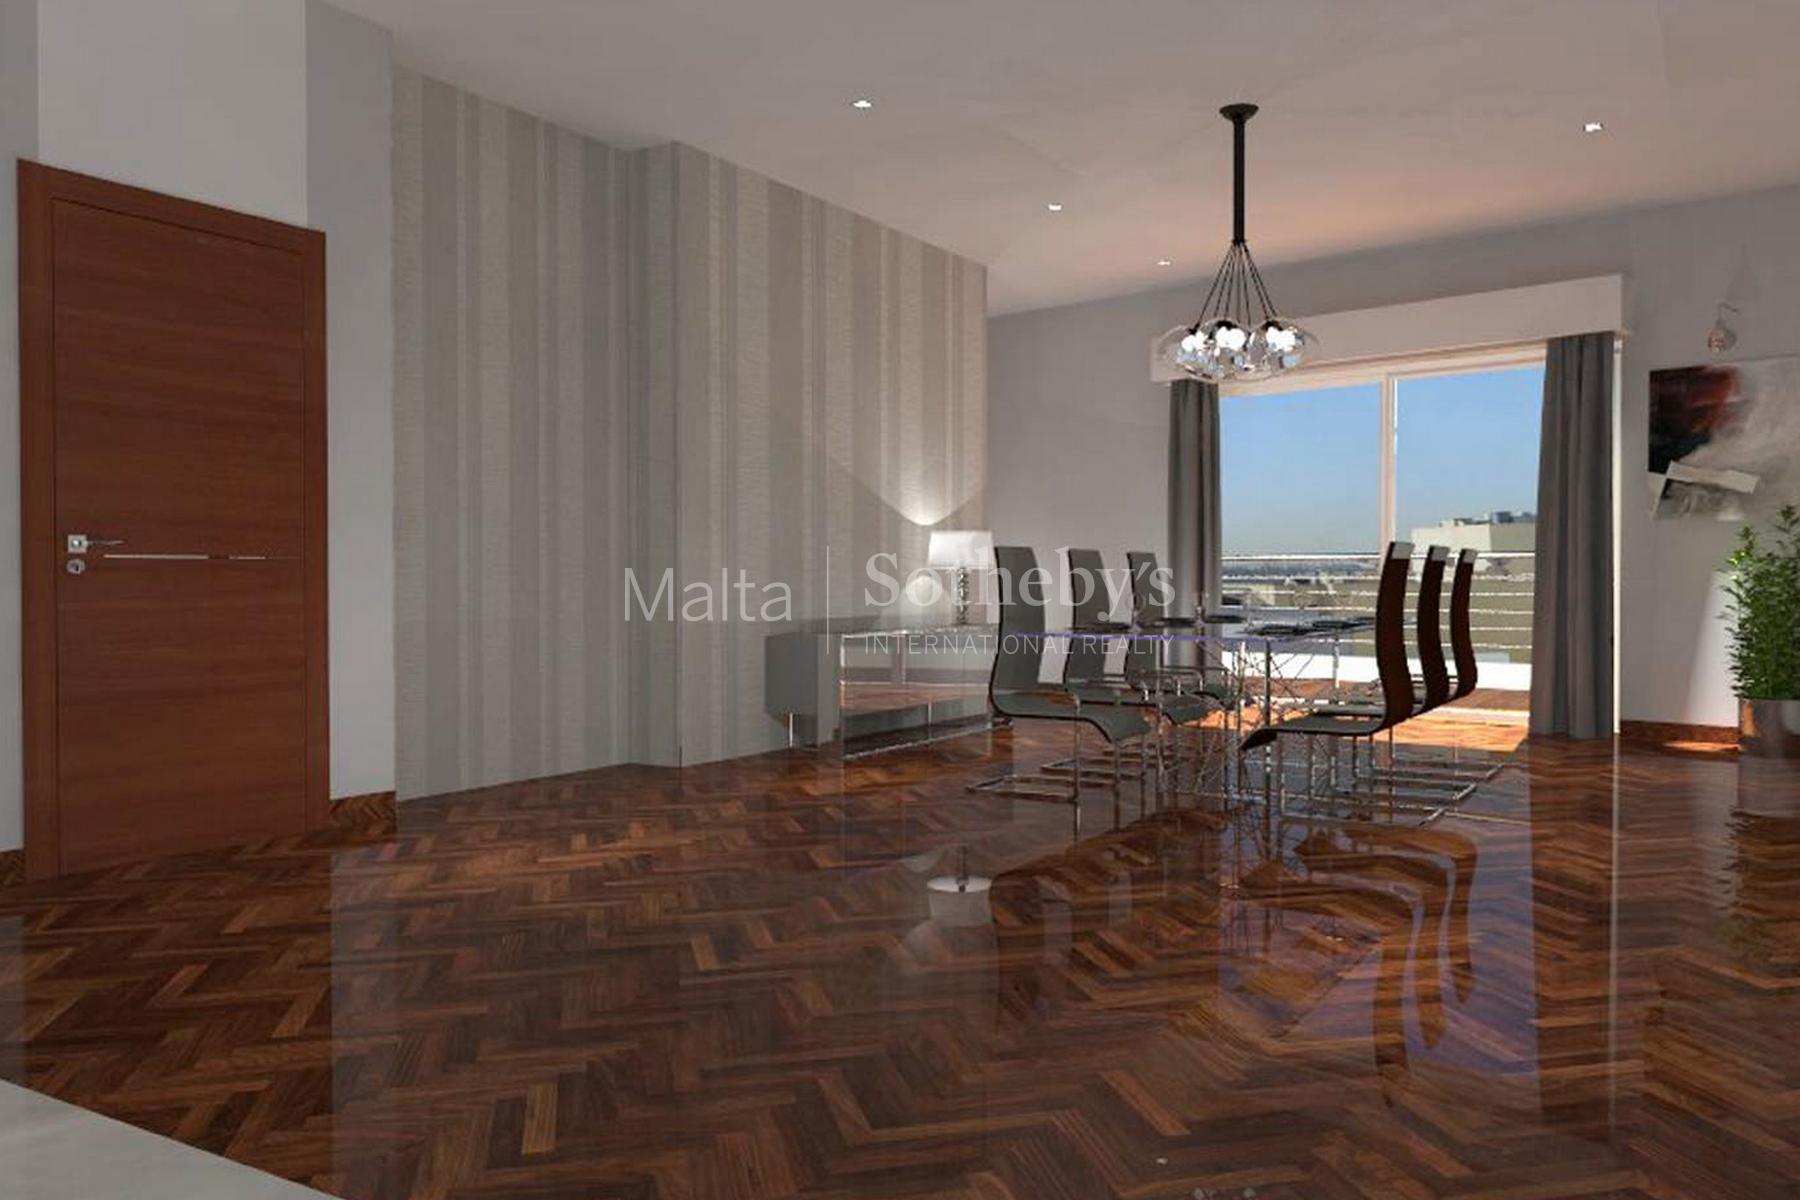 公寓 为 销售 在 On-Plan Penthouse with Pool Sliema, 马尔他